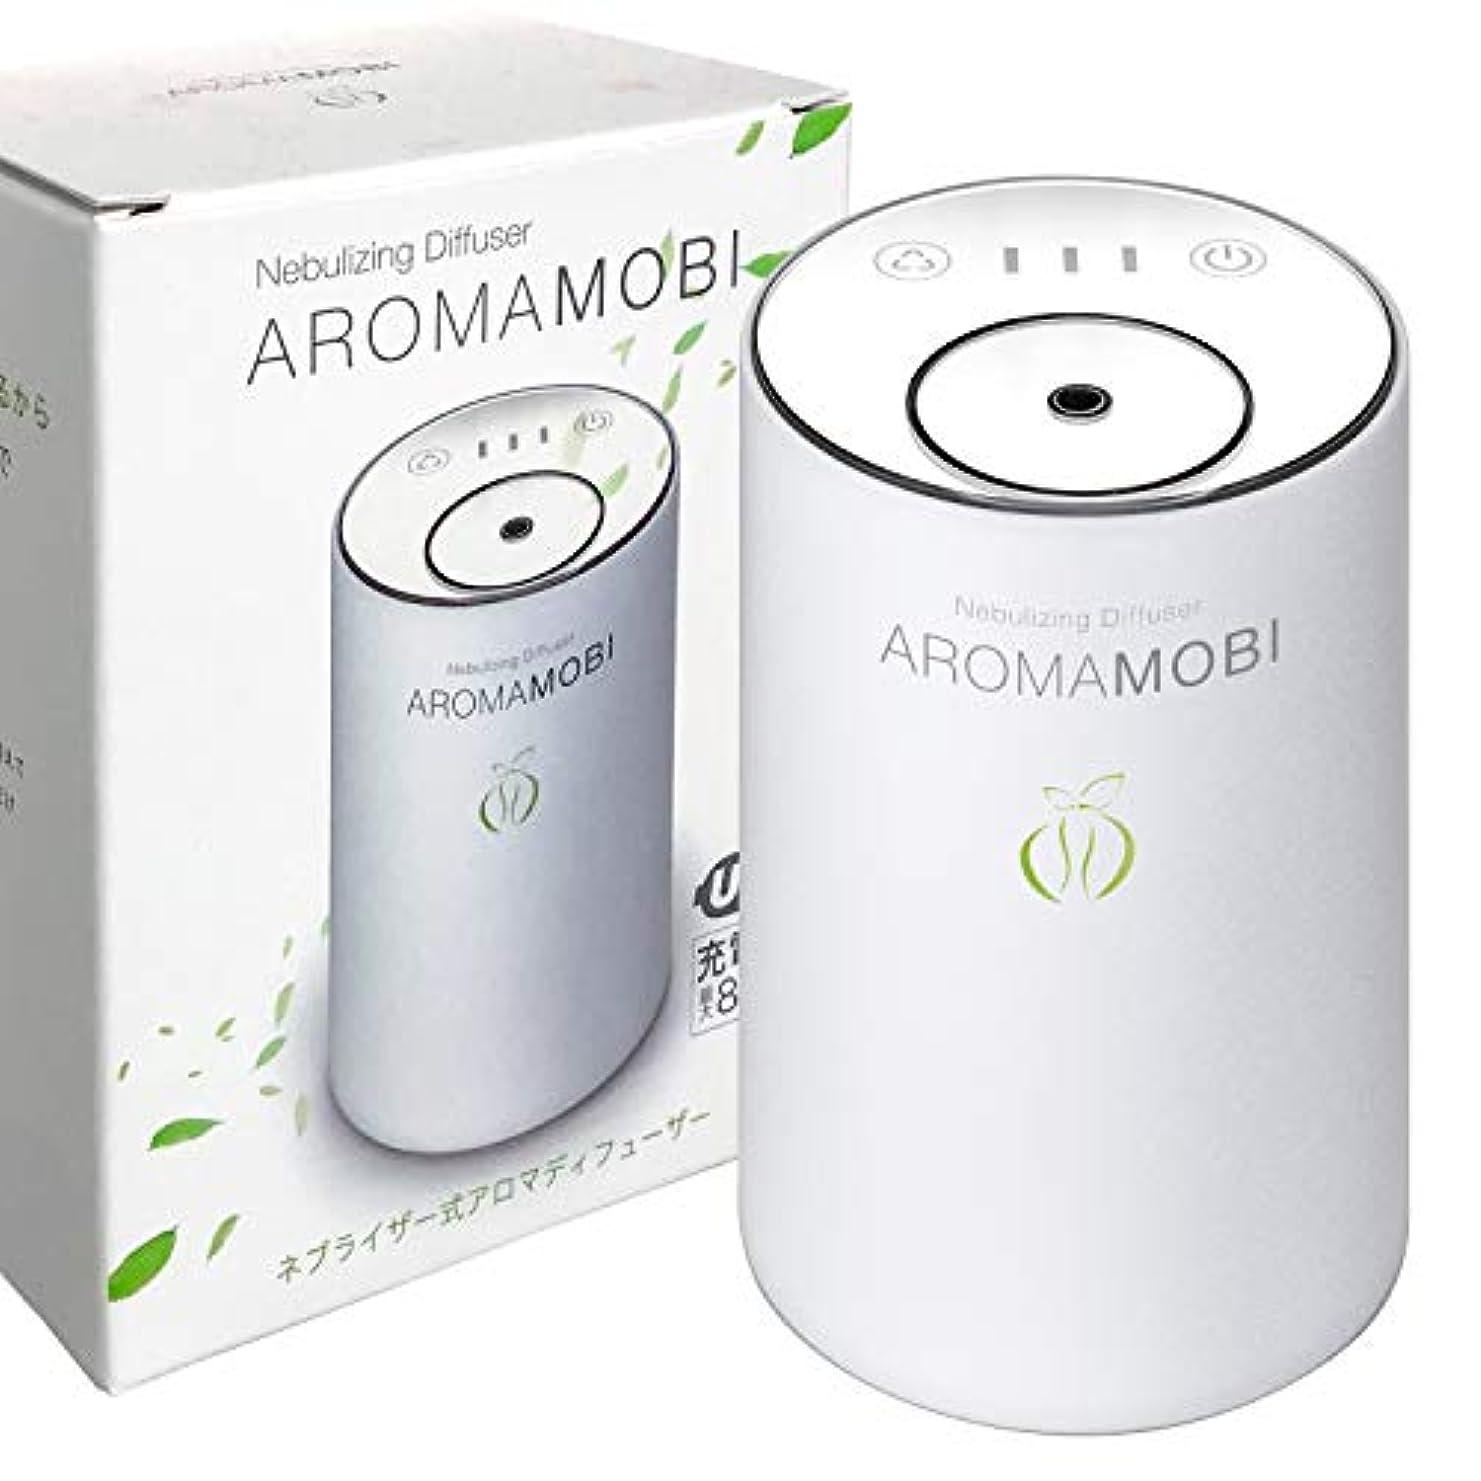 バルク悲観的聖域funks AROMA MOBI 充電式 アロマディフューザー ネブライザー式 ホワイト